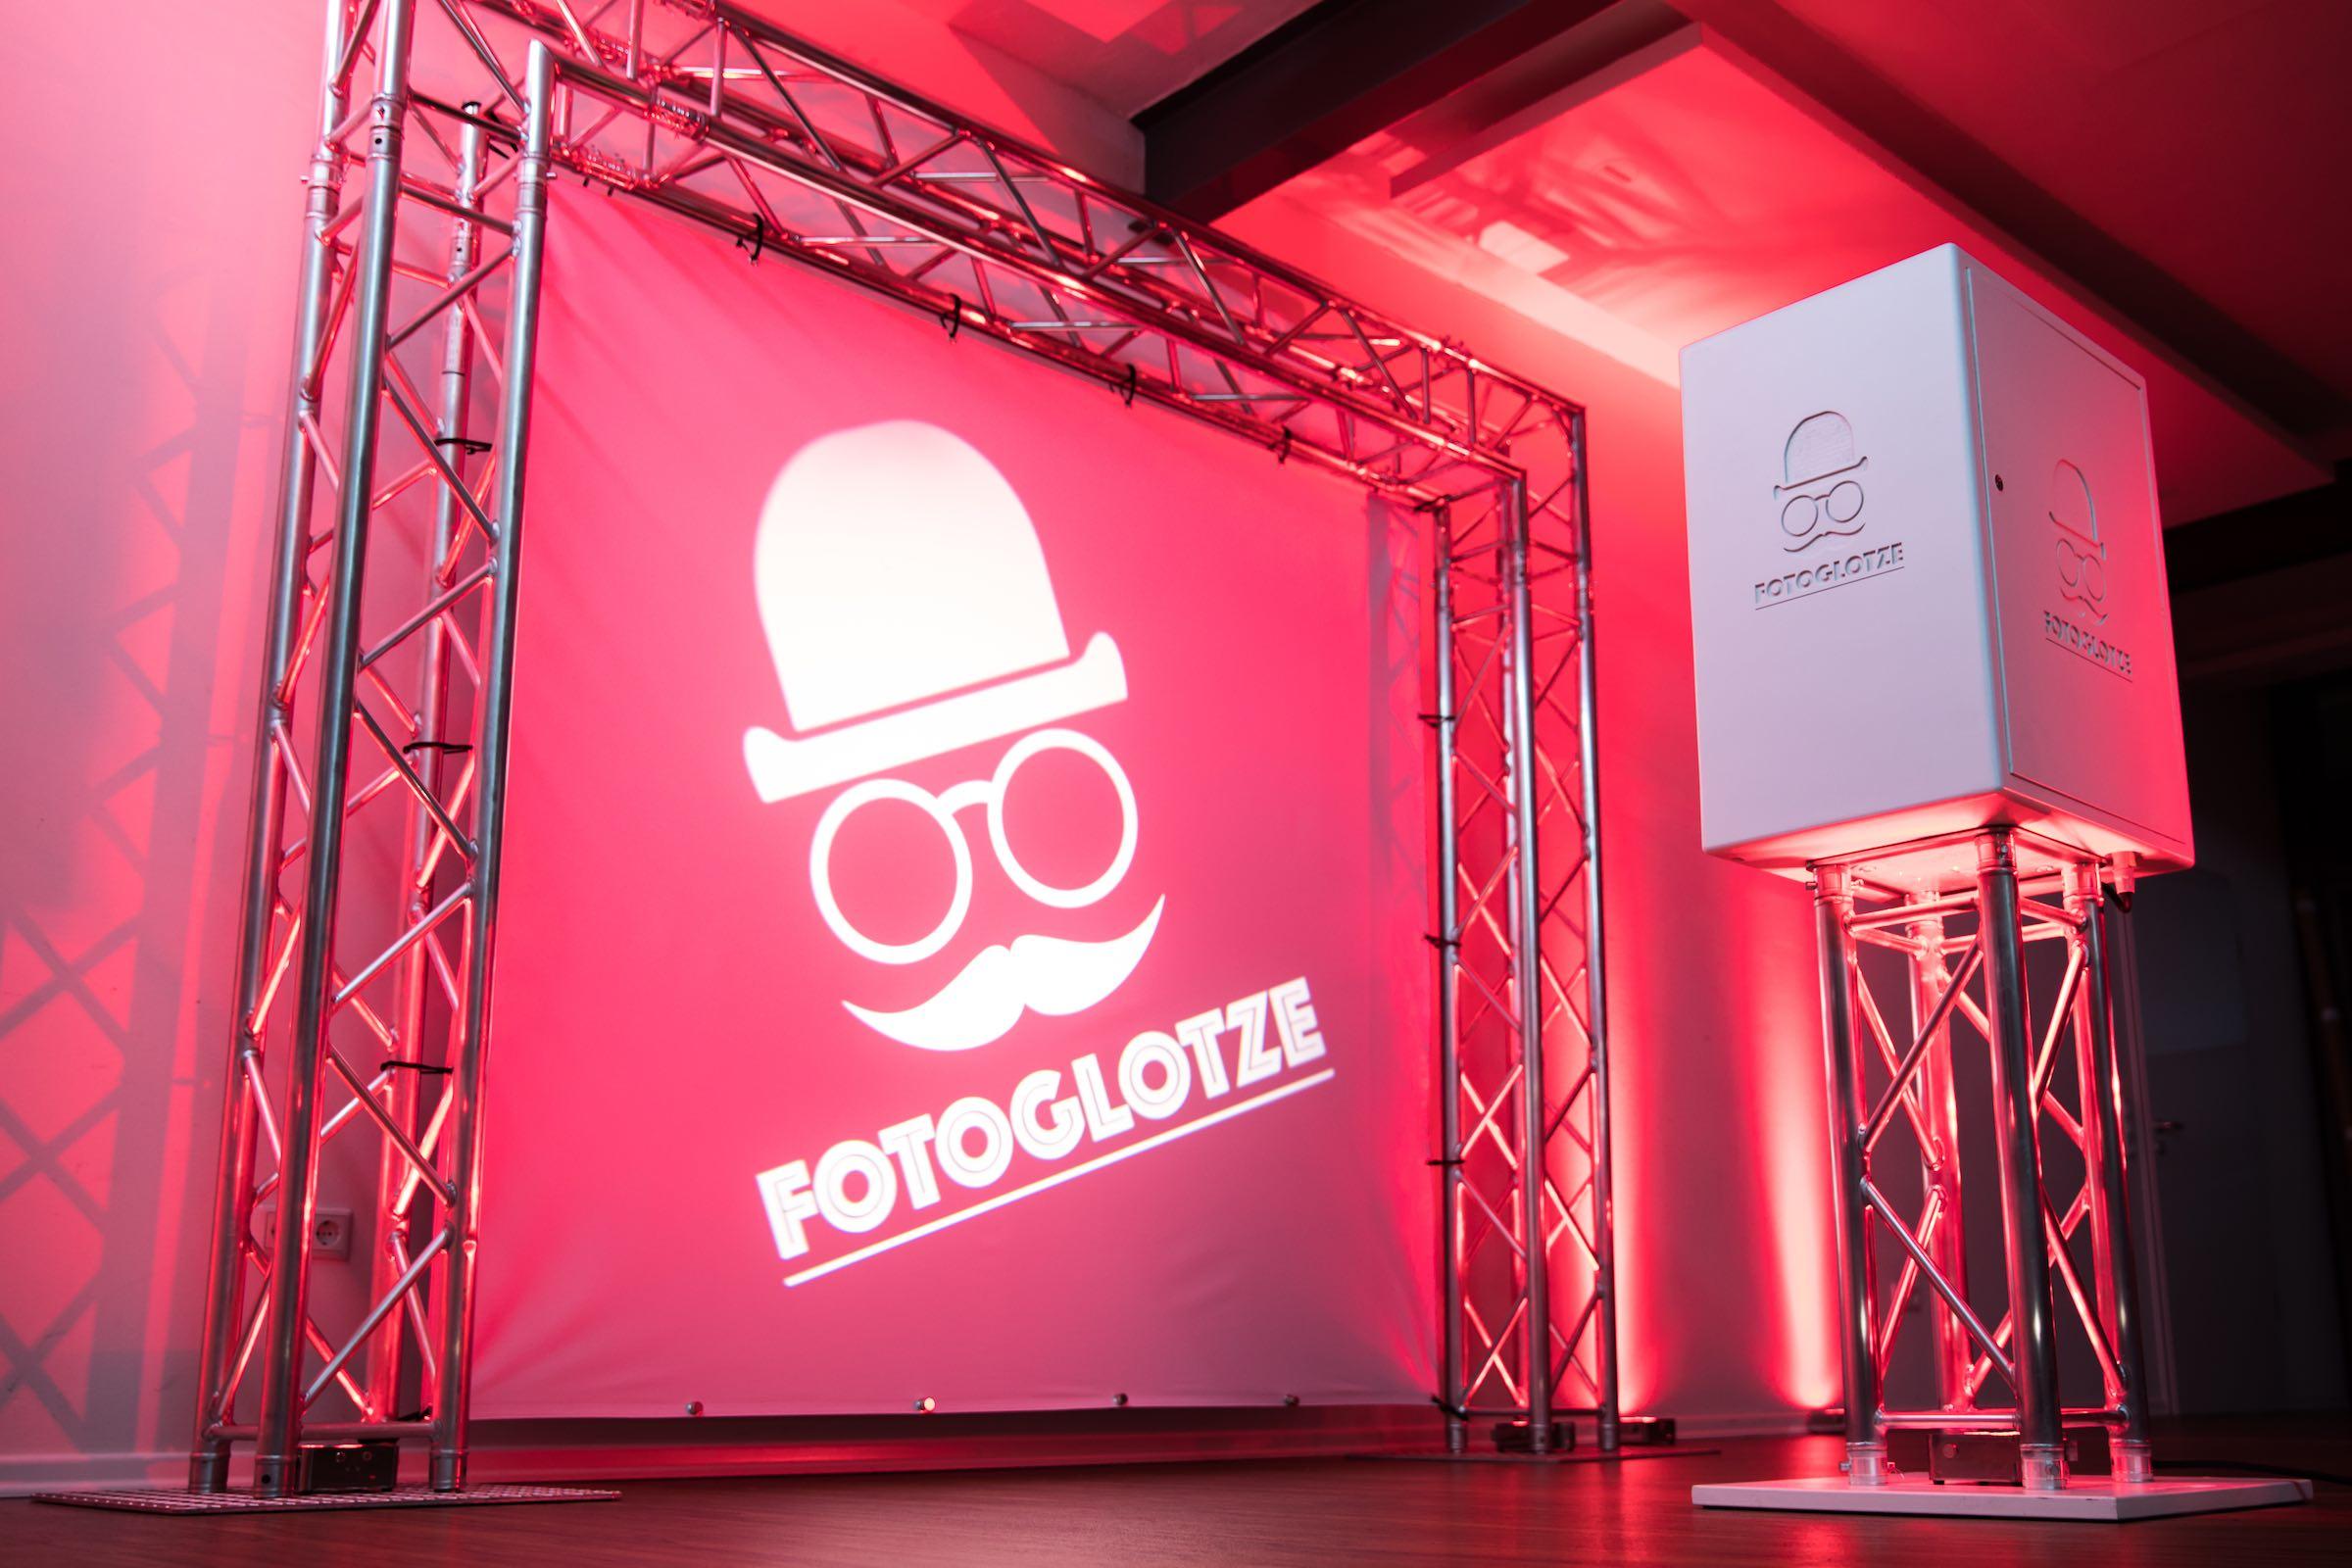 Fotobox   Hannover   Fotokoste   Photobooth   Druck   Hintergrund   Photobooth   Hochzeit   Messe   Event   Verkleidung   Requisiten   Hannover   Buchen   Anfragen   Mieten   Fotoglotze